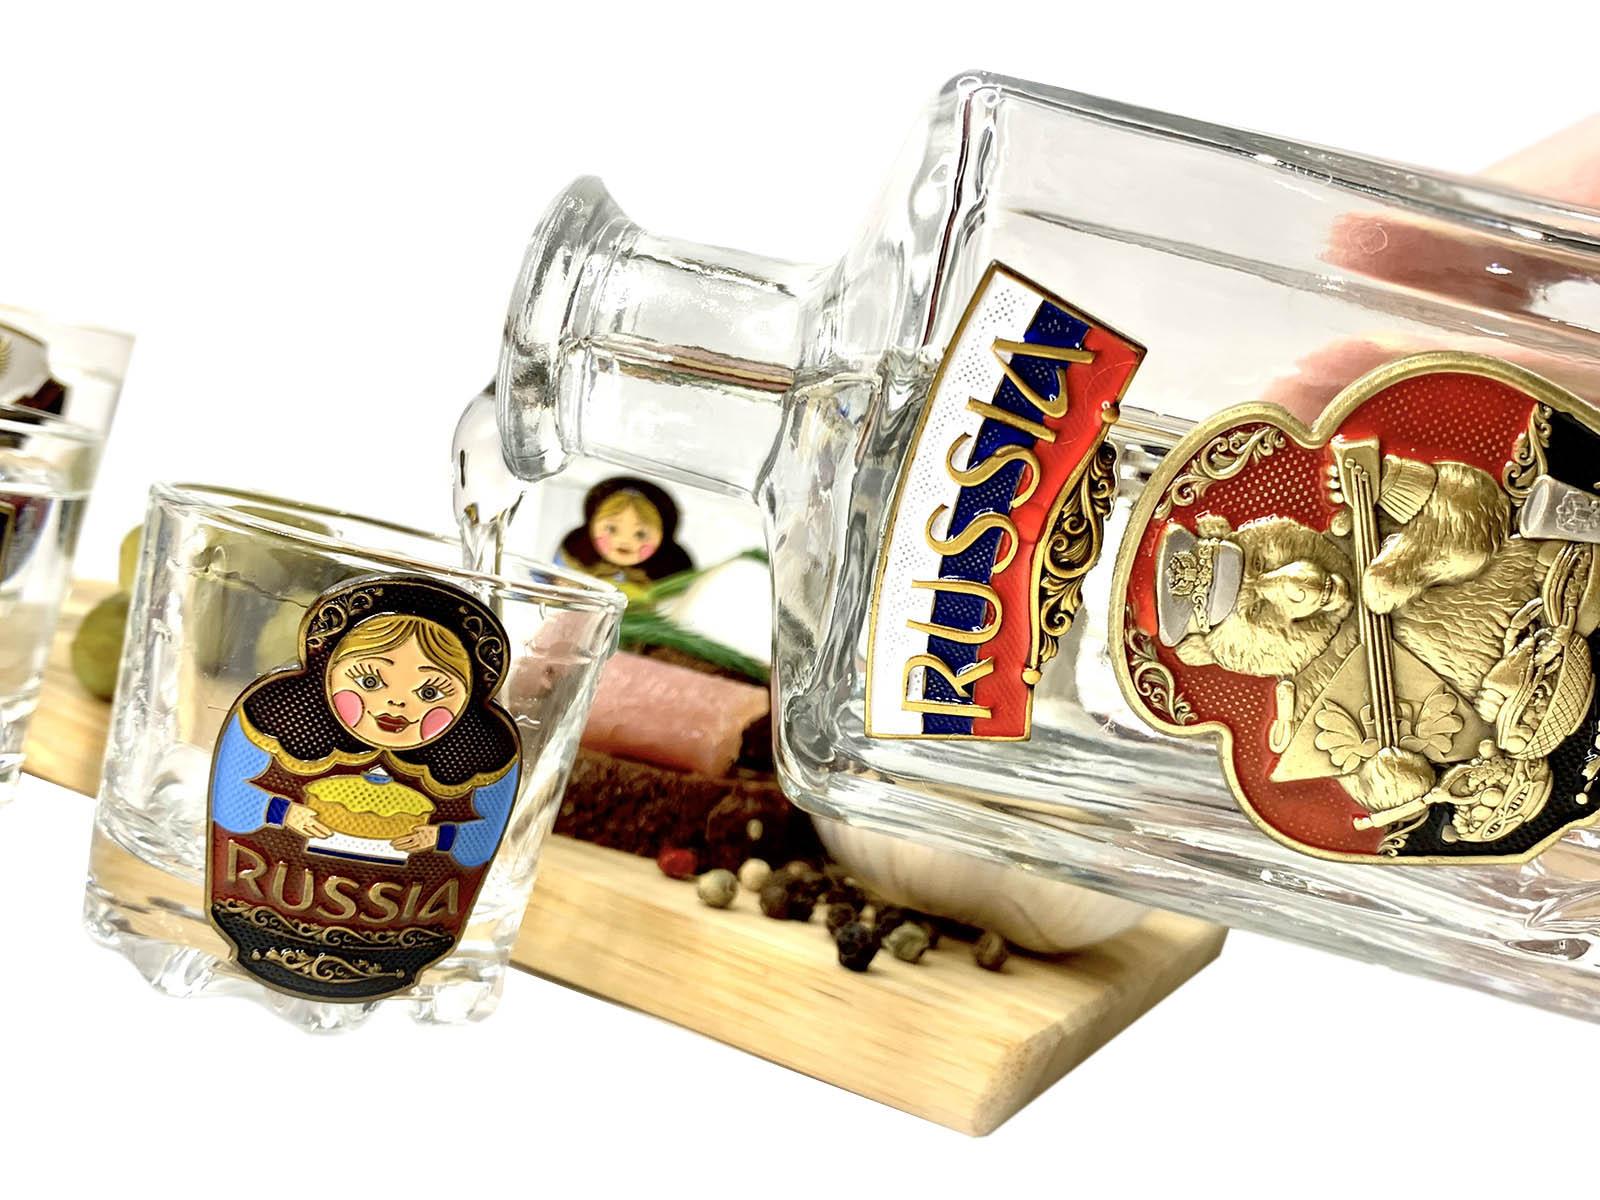 Набор для спиртных напитков Россия